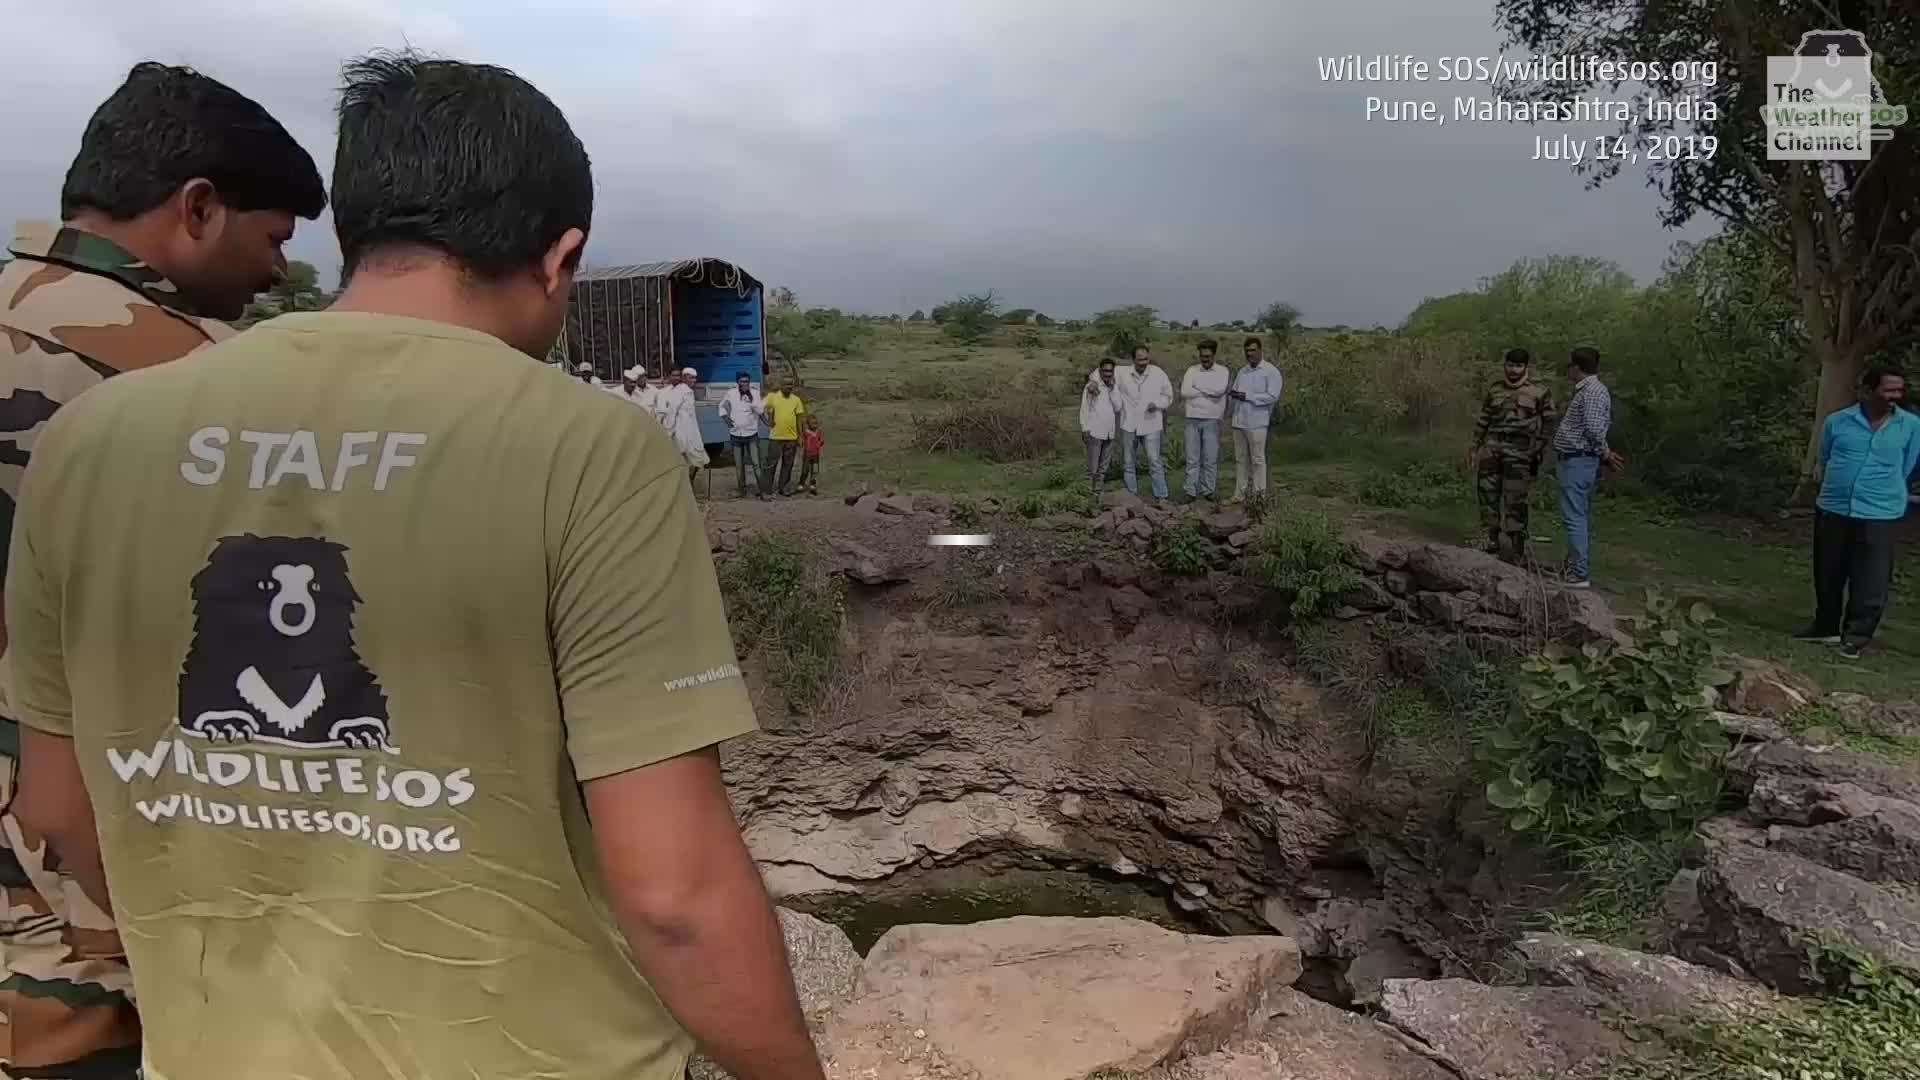 Mira el increíble rescate de un leopardo de cuatro años que cayó dentro de un pozo en una villa de India. Voluntarios y trabajadores forestales unieron esfuerzos para liberarlo.